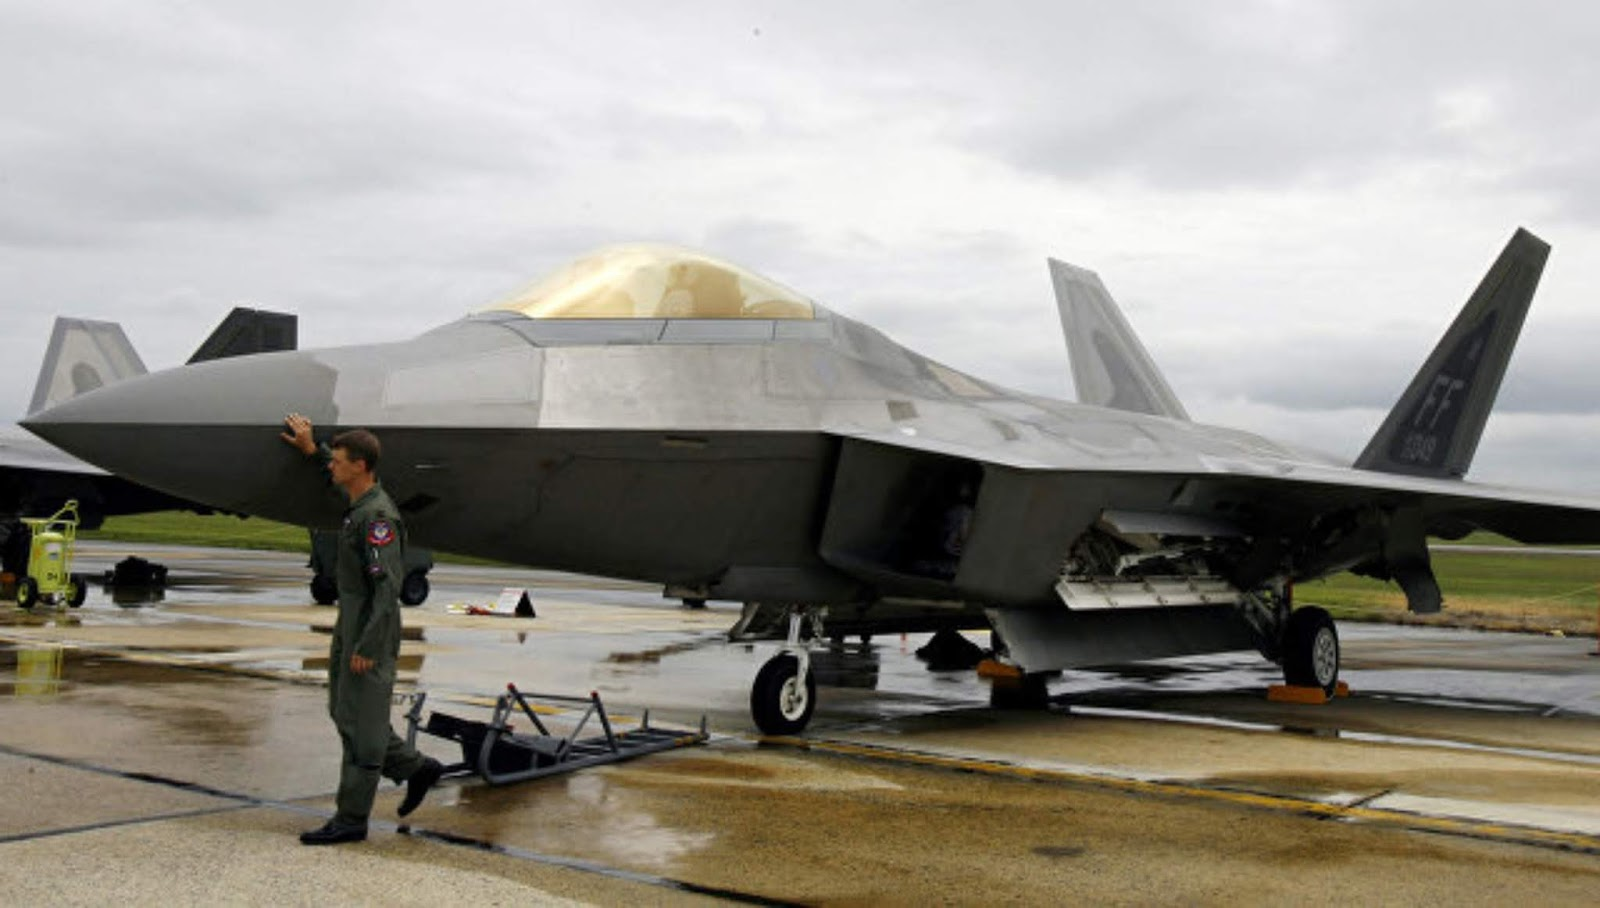 NI menganalisa mengapa militer AS punya masalah serius